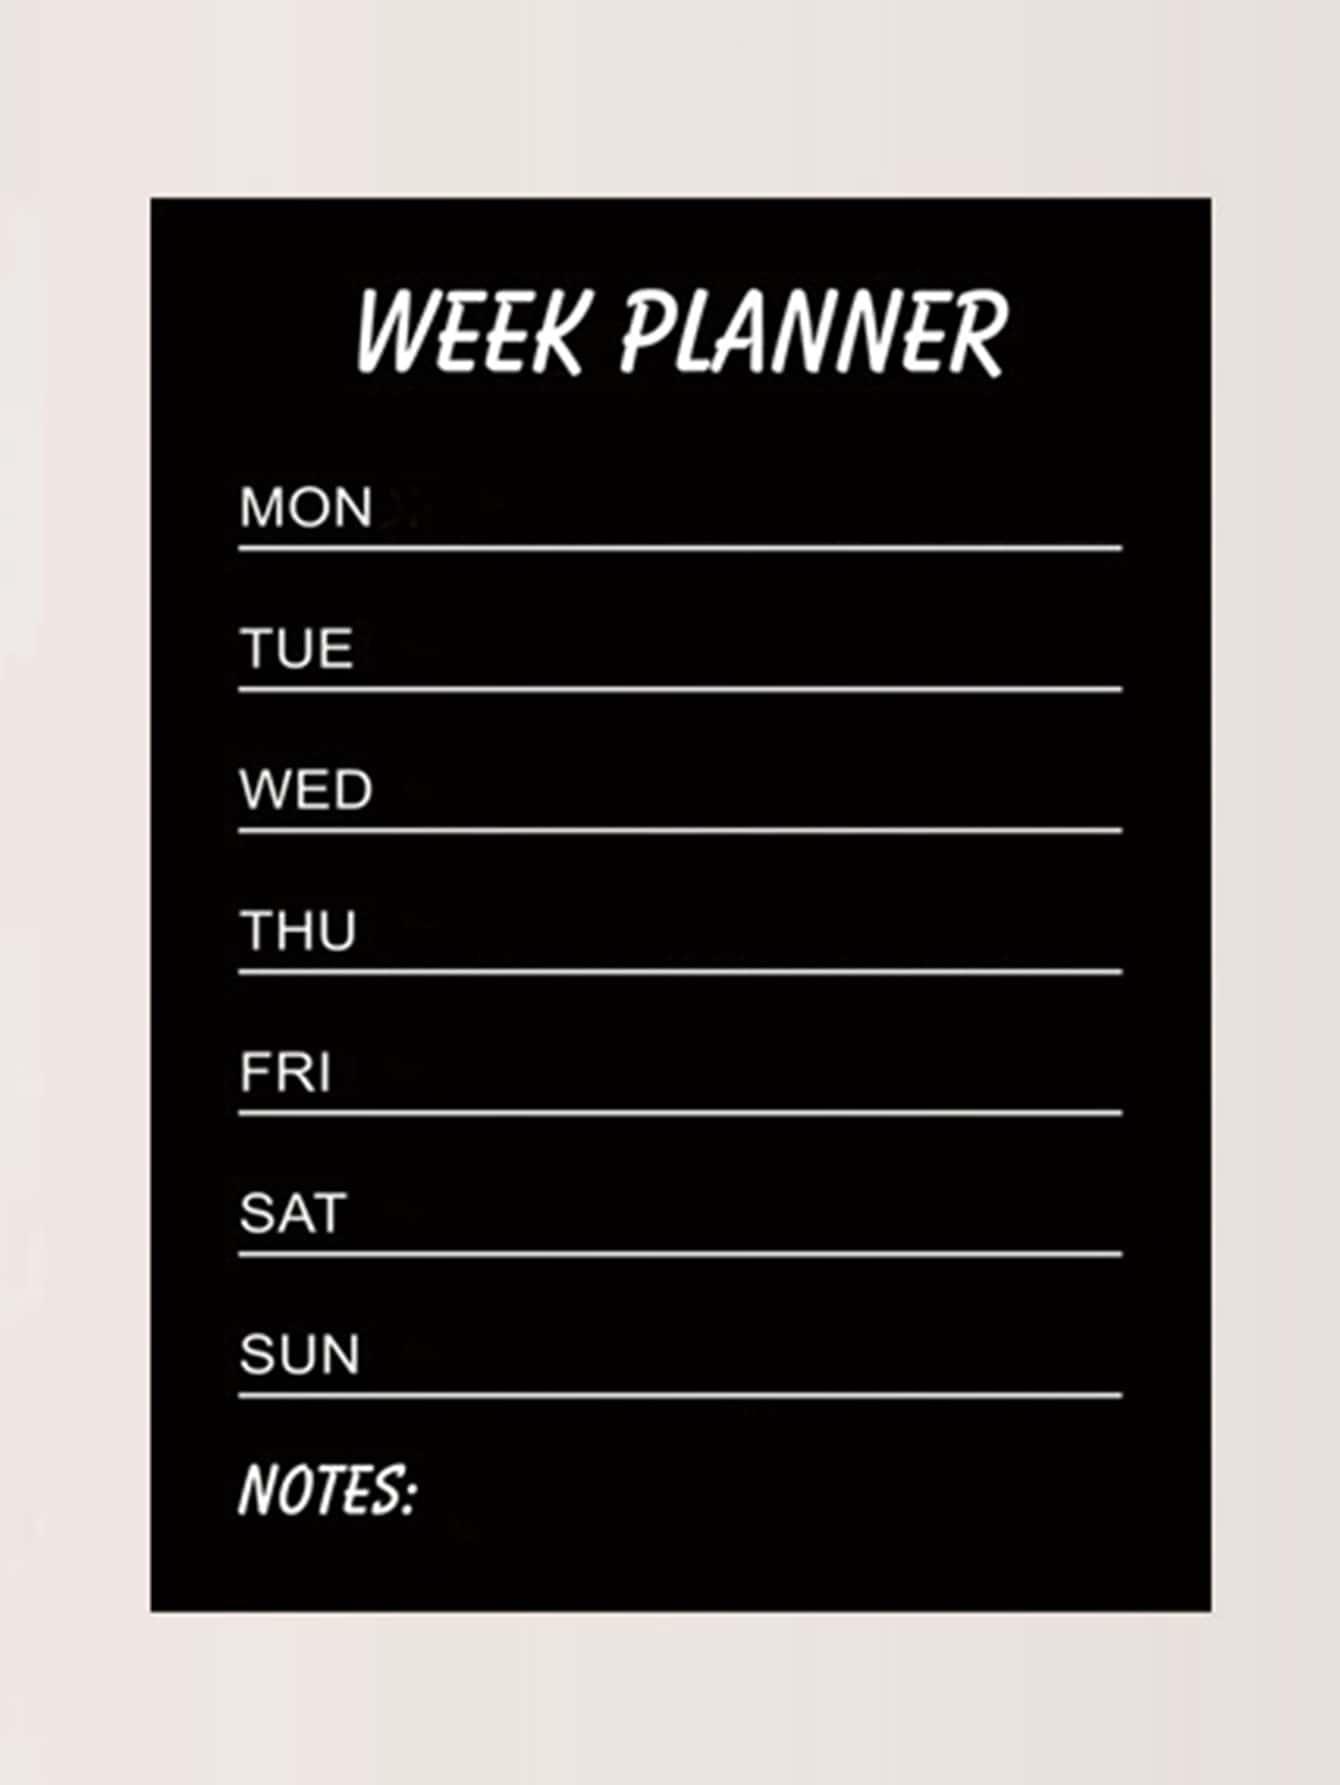 Week Planner Wall Decal